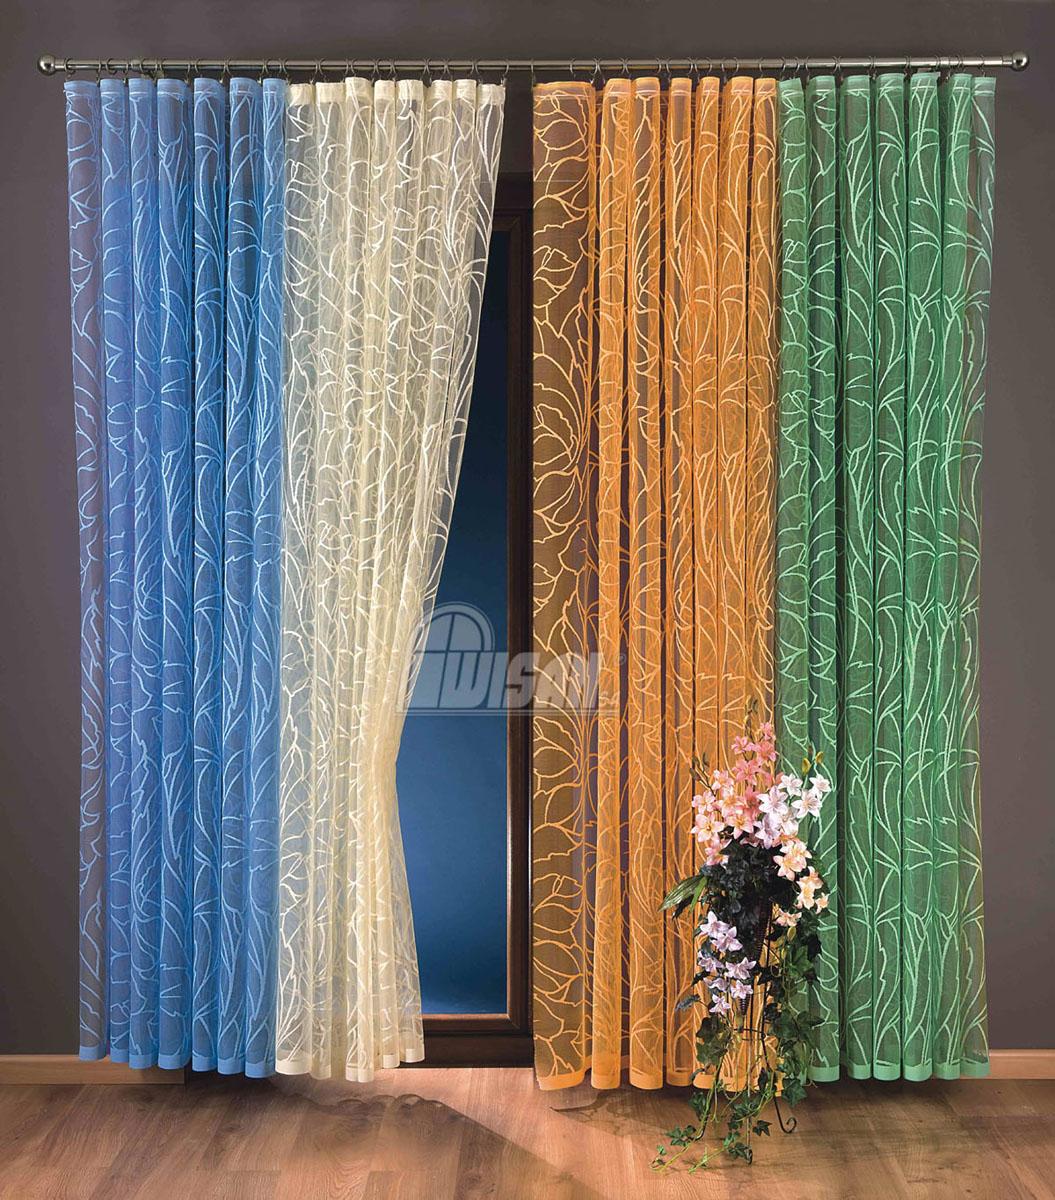 Гардина-тюль Zara, на ленте, цвет: белый, высота 250 см5929 коричВоздушная гардина-тюль Zara, изготовленная из полиэстера белого цвета, станет великолепным украшением любого окна. Тонкое плетение, оригинальный дизайн и приятная цветовая гамма привлекут к себе внимание и органично впишутся в интерьер комнаты. В гардину-тюль вшита шторная лента. Характеристики:Материал: 100% полиэстер. Цвет: белый. Размер упаковки:27 см х 36 см х 3 см. Артикул: 737130.В комплект входит:Гардина-тюль - 1 шт. Размер (Ш х В): 150 см х 250 см. Фирма Wisan на польском рынке существует уже более пятидесяти лет и является одной из лучших польских фабрик по производству штор и тканей. Ассортимент фирмы представлен готовыми комплектами штор для гостиной, детской, кухни, а также текстилем для кухни (скатерти, салфетки, дорожки, кухонные занавески). Модельный ряд отличает оригинальный дизайн, высокое качество. Ассортимент продукции постоянно пополняется.УВАЖАЕМЫЕ КЛИЕНТЫ!Обращаем ваше внимание на цвет изделия. Цветовой вариант гардины-тюли, данной в интерьере, служит для визуального восприятия товара. Цветовая гамма данной гардины-тюли представлена на отдельном изображении фрагментом ткани.